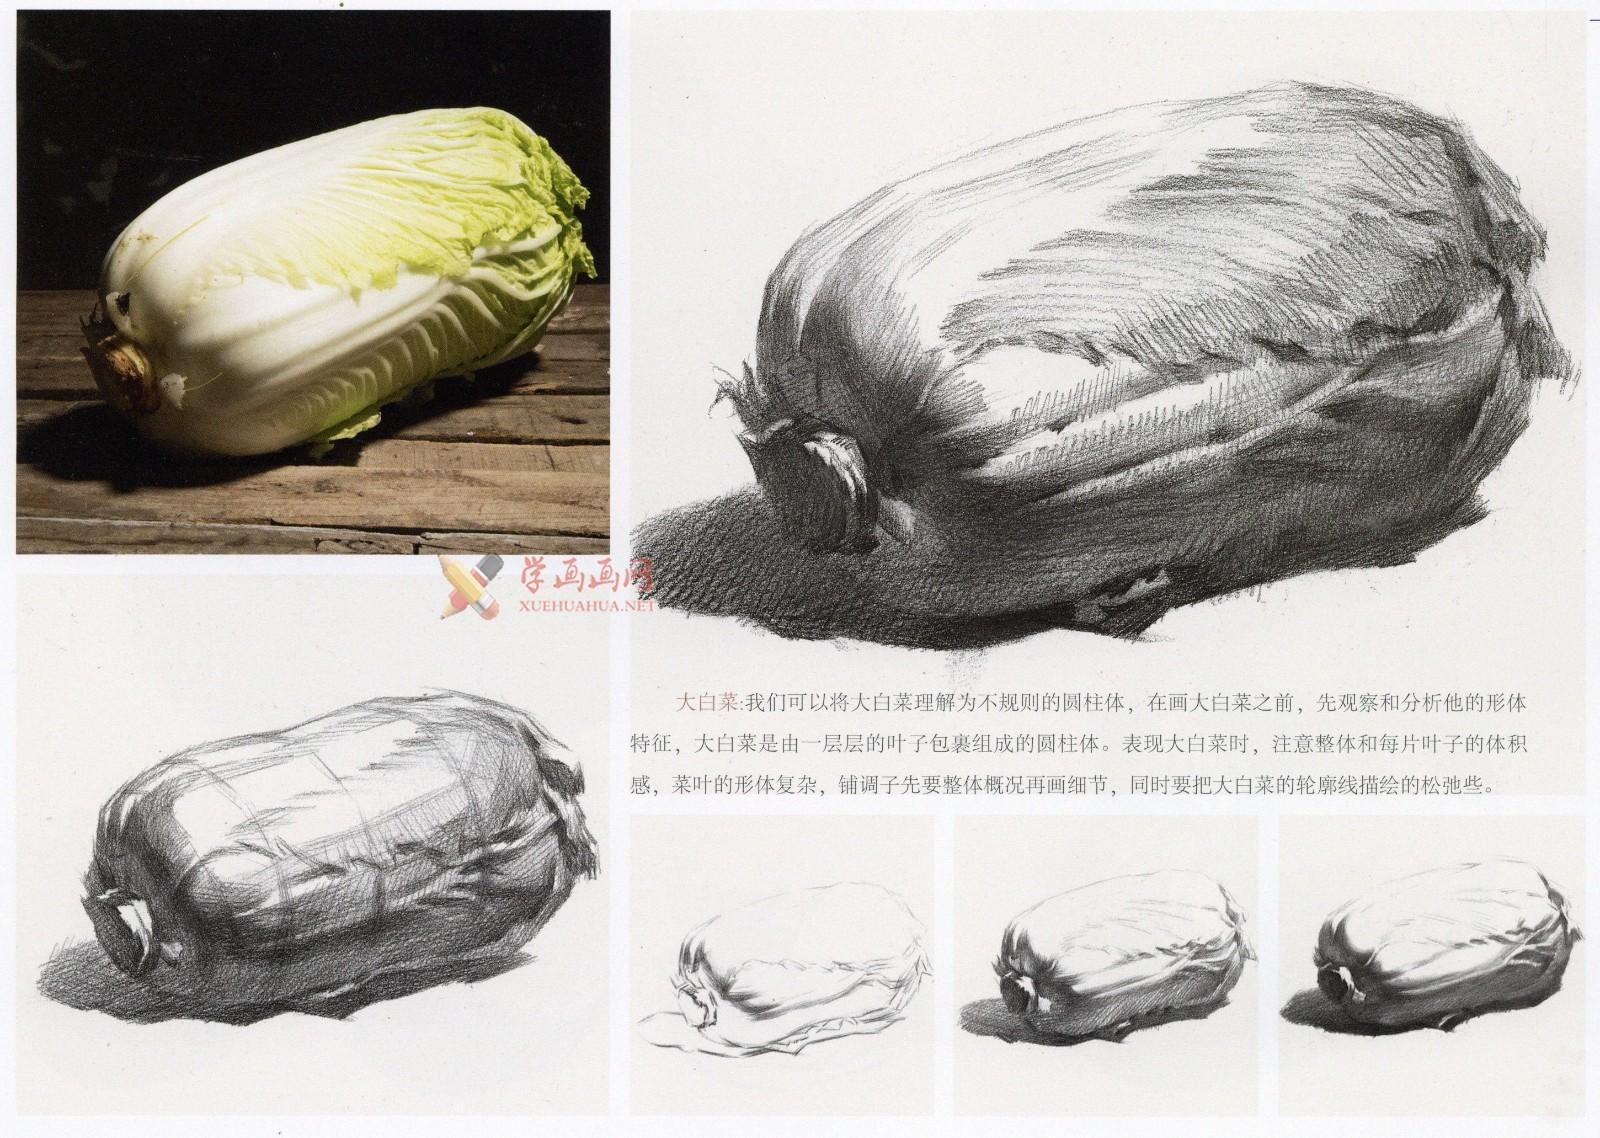 白菜怎么画?素描大白菜的画法图解及临摹范画图片素材(2)